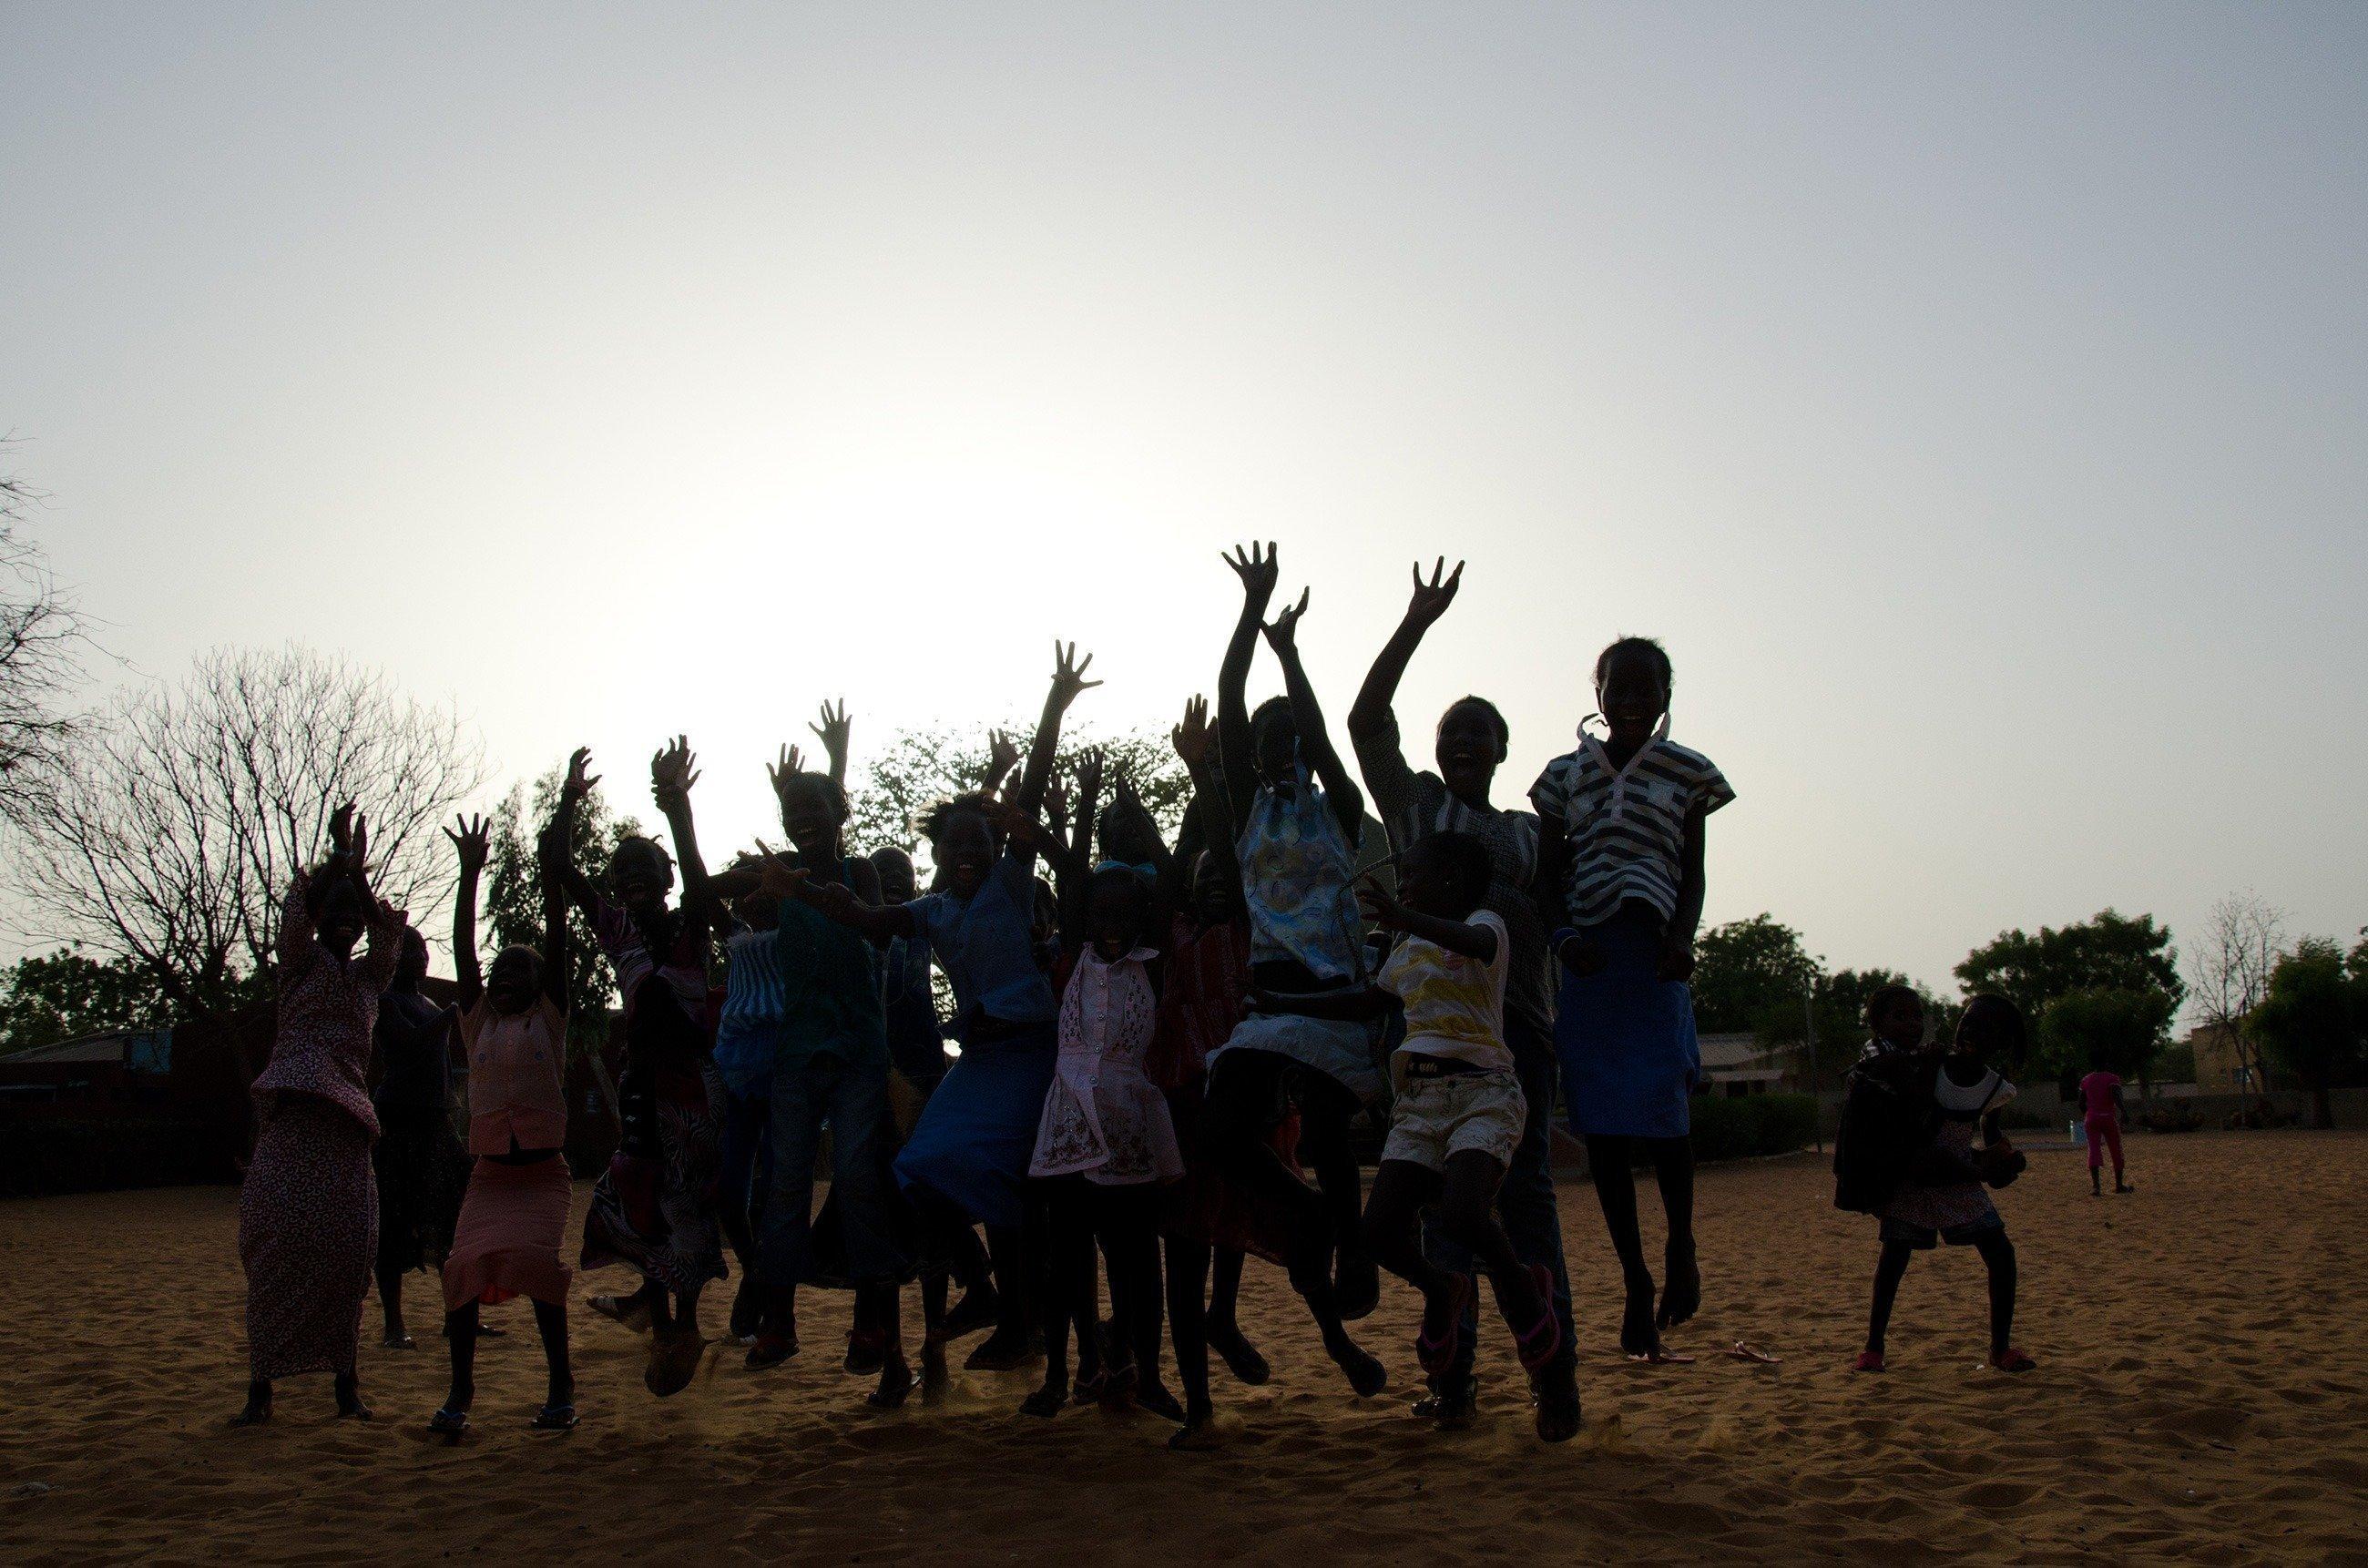 Eine Gruppe von Kindern springt vor einem Sonnenuntergang hoch.